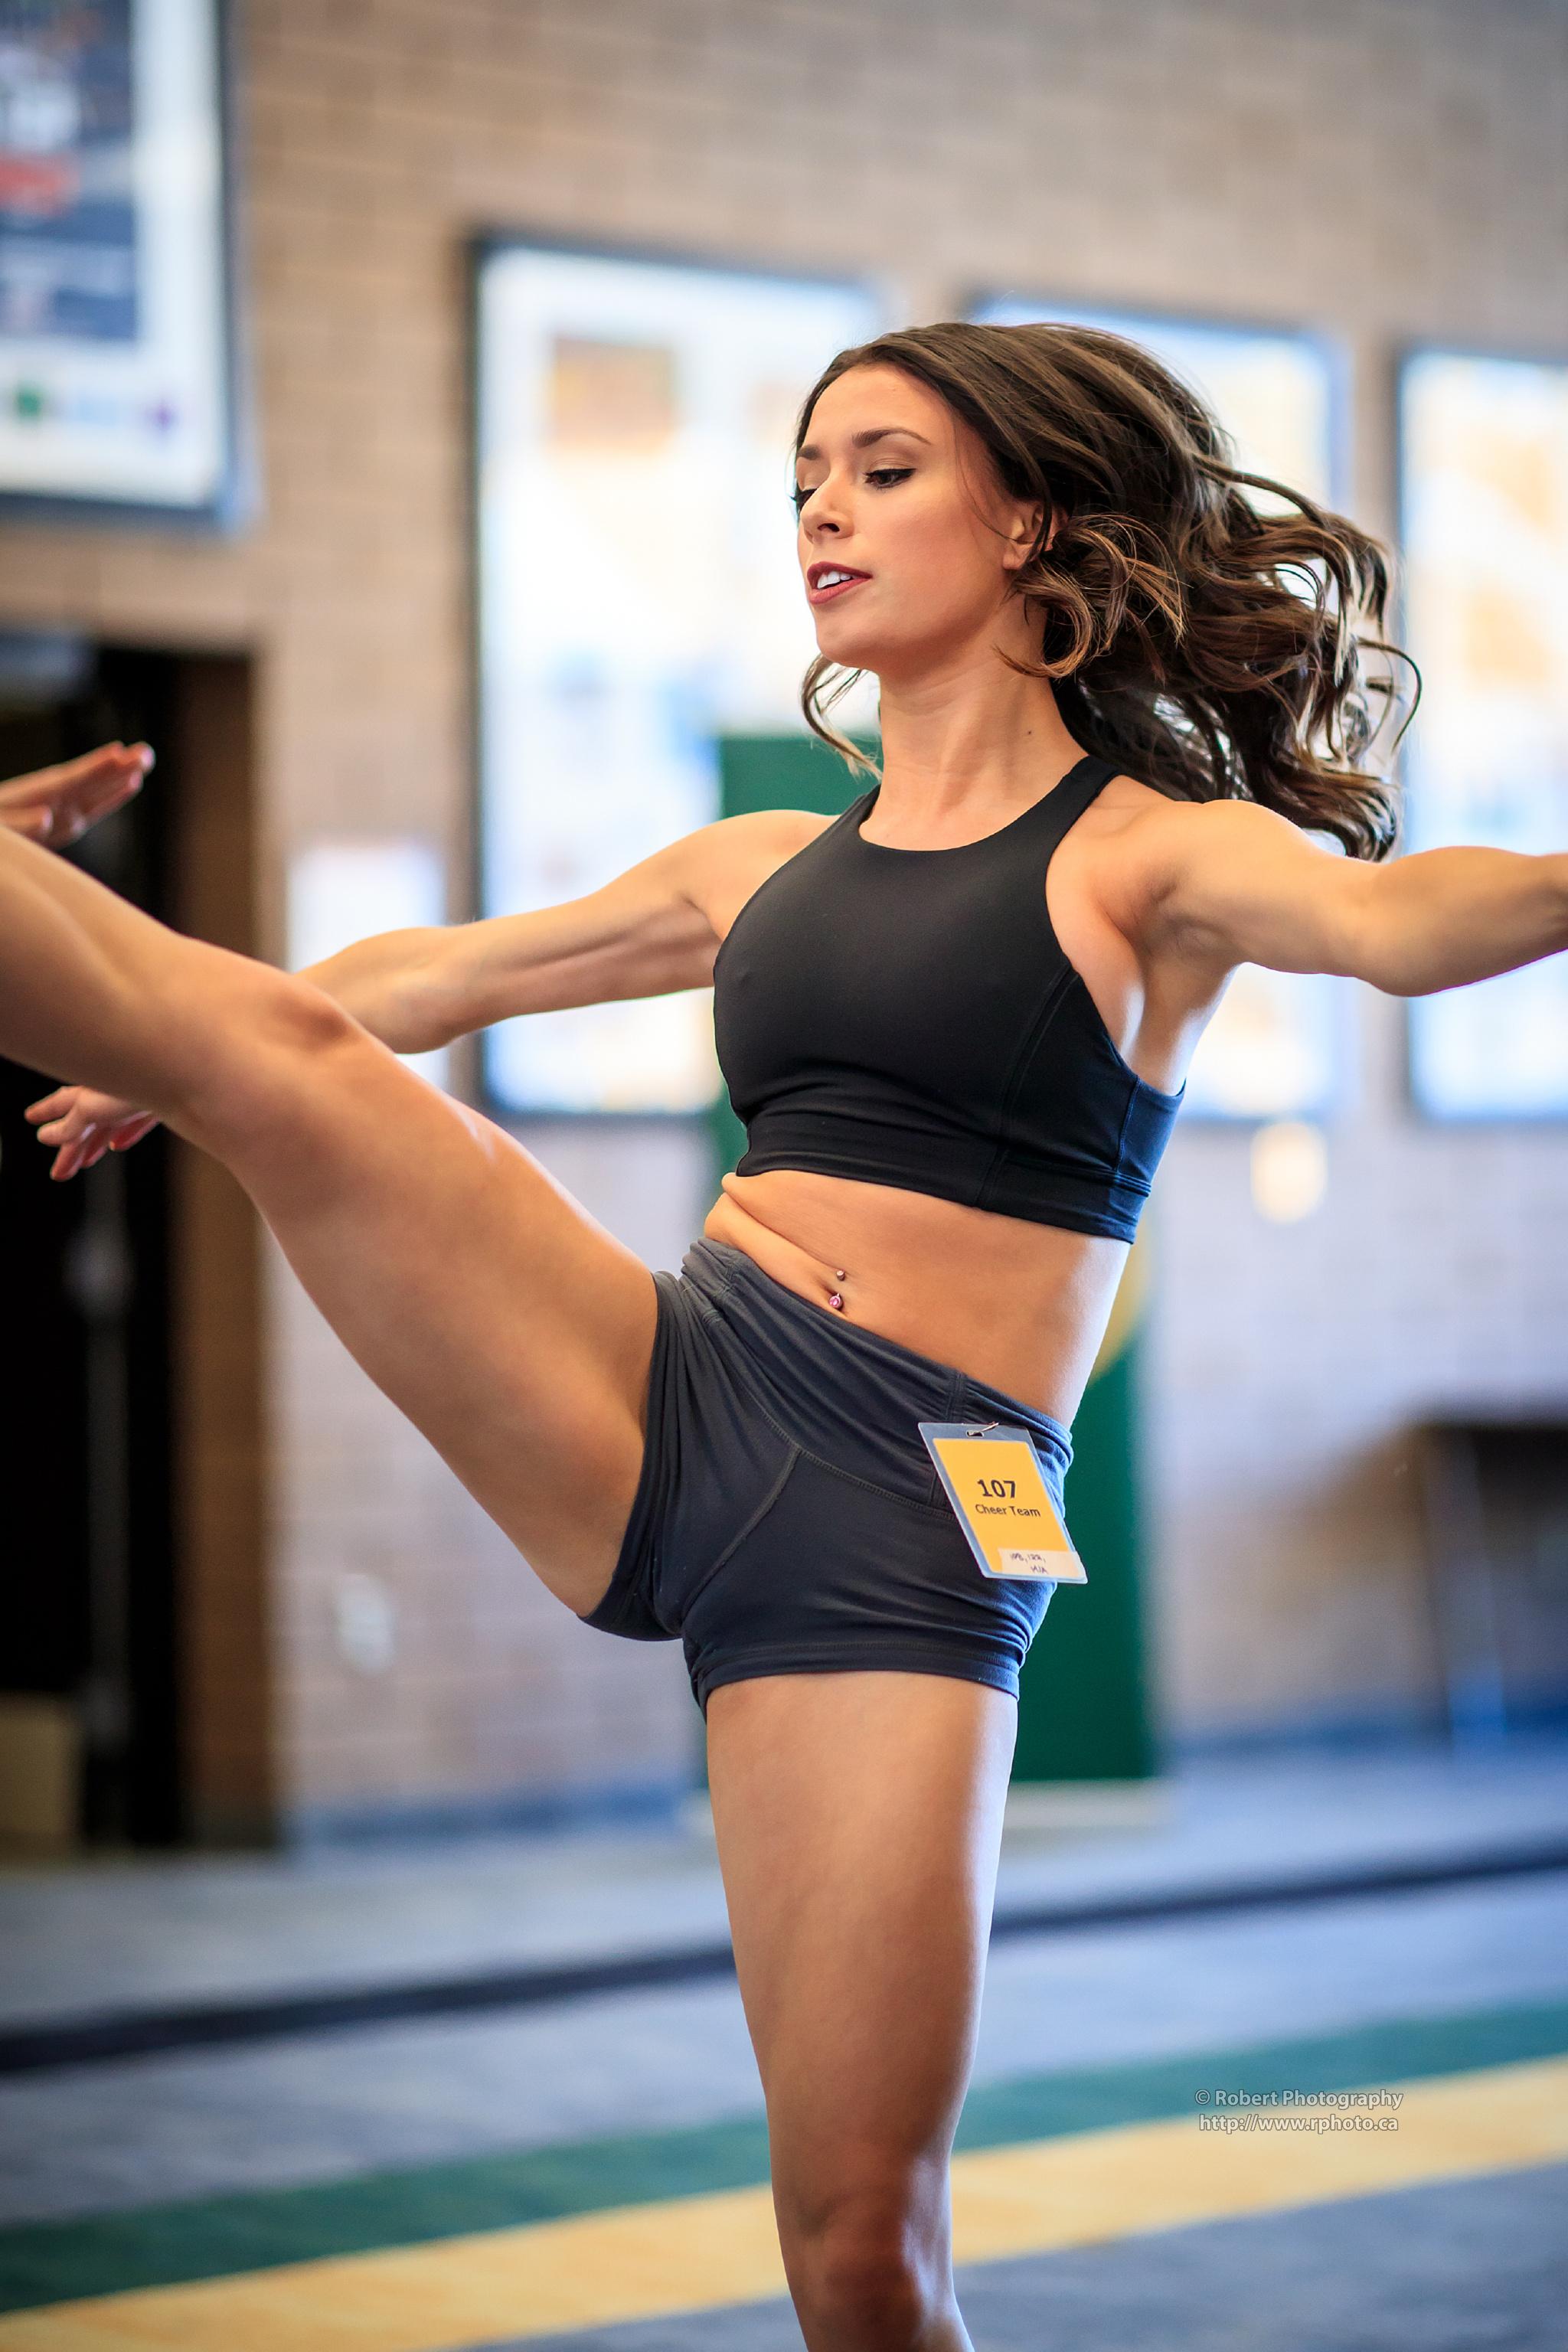 Candid Dancers & Cheerleaders Vol. 05